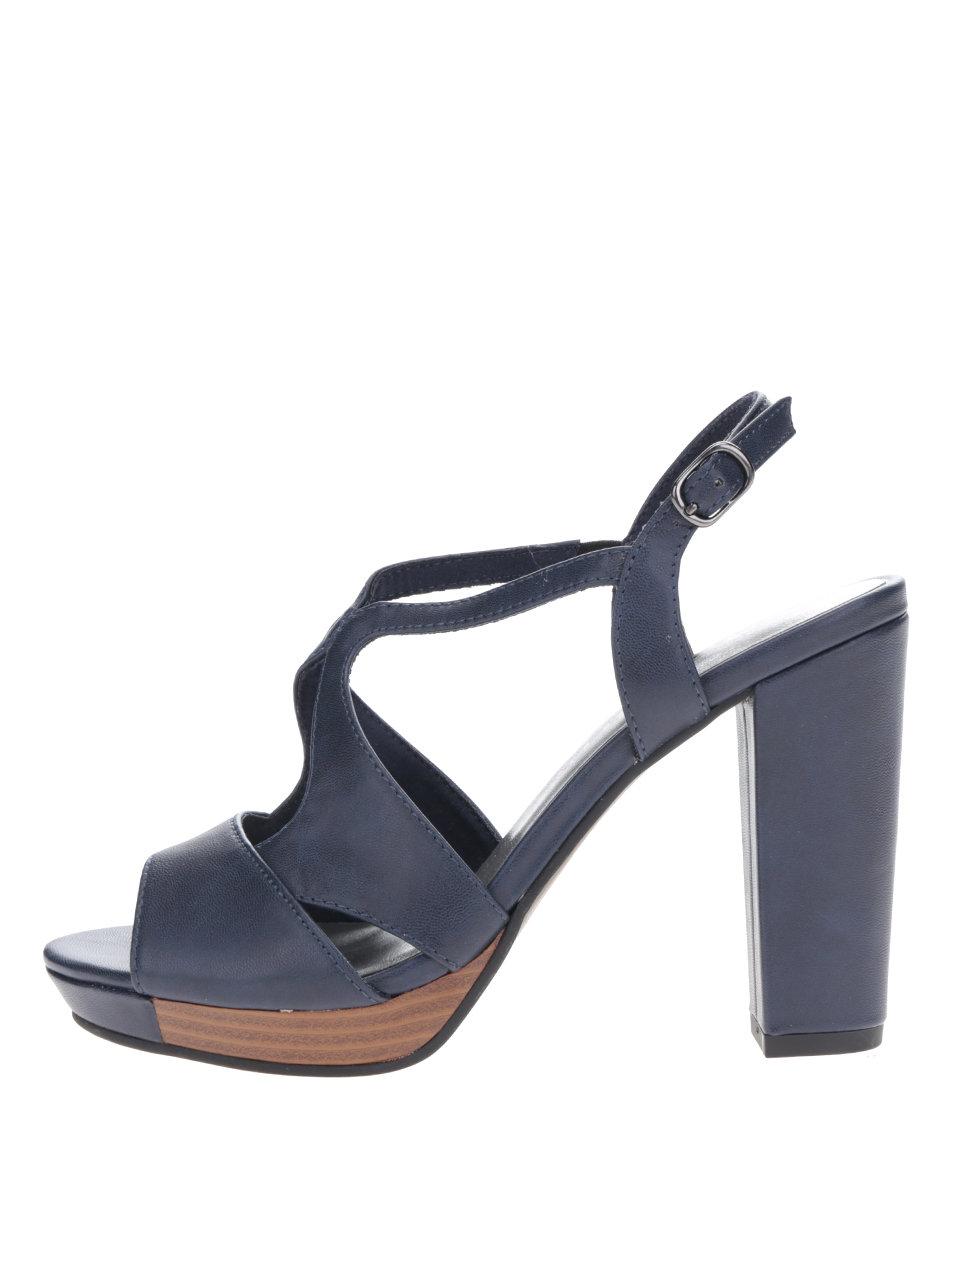 Tmavomodré sandále na vysokom podpätku Tamaris ... f835953198